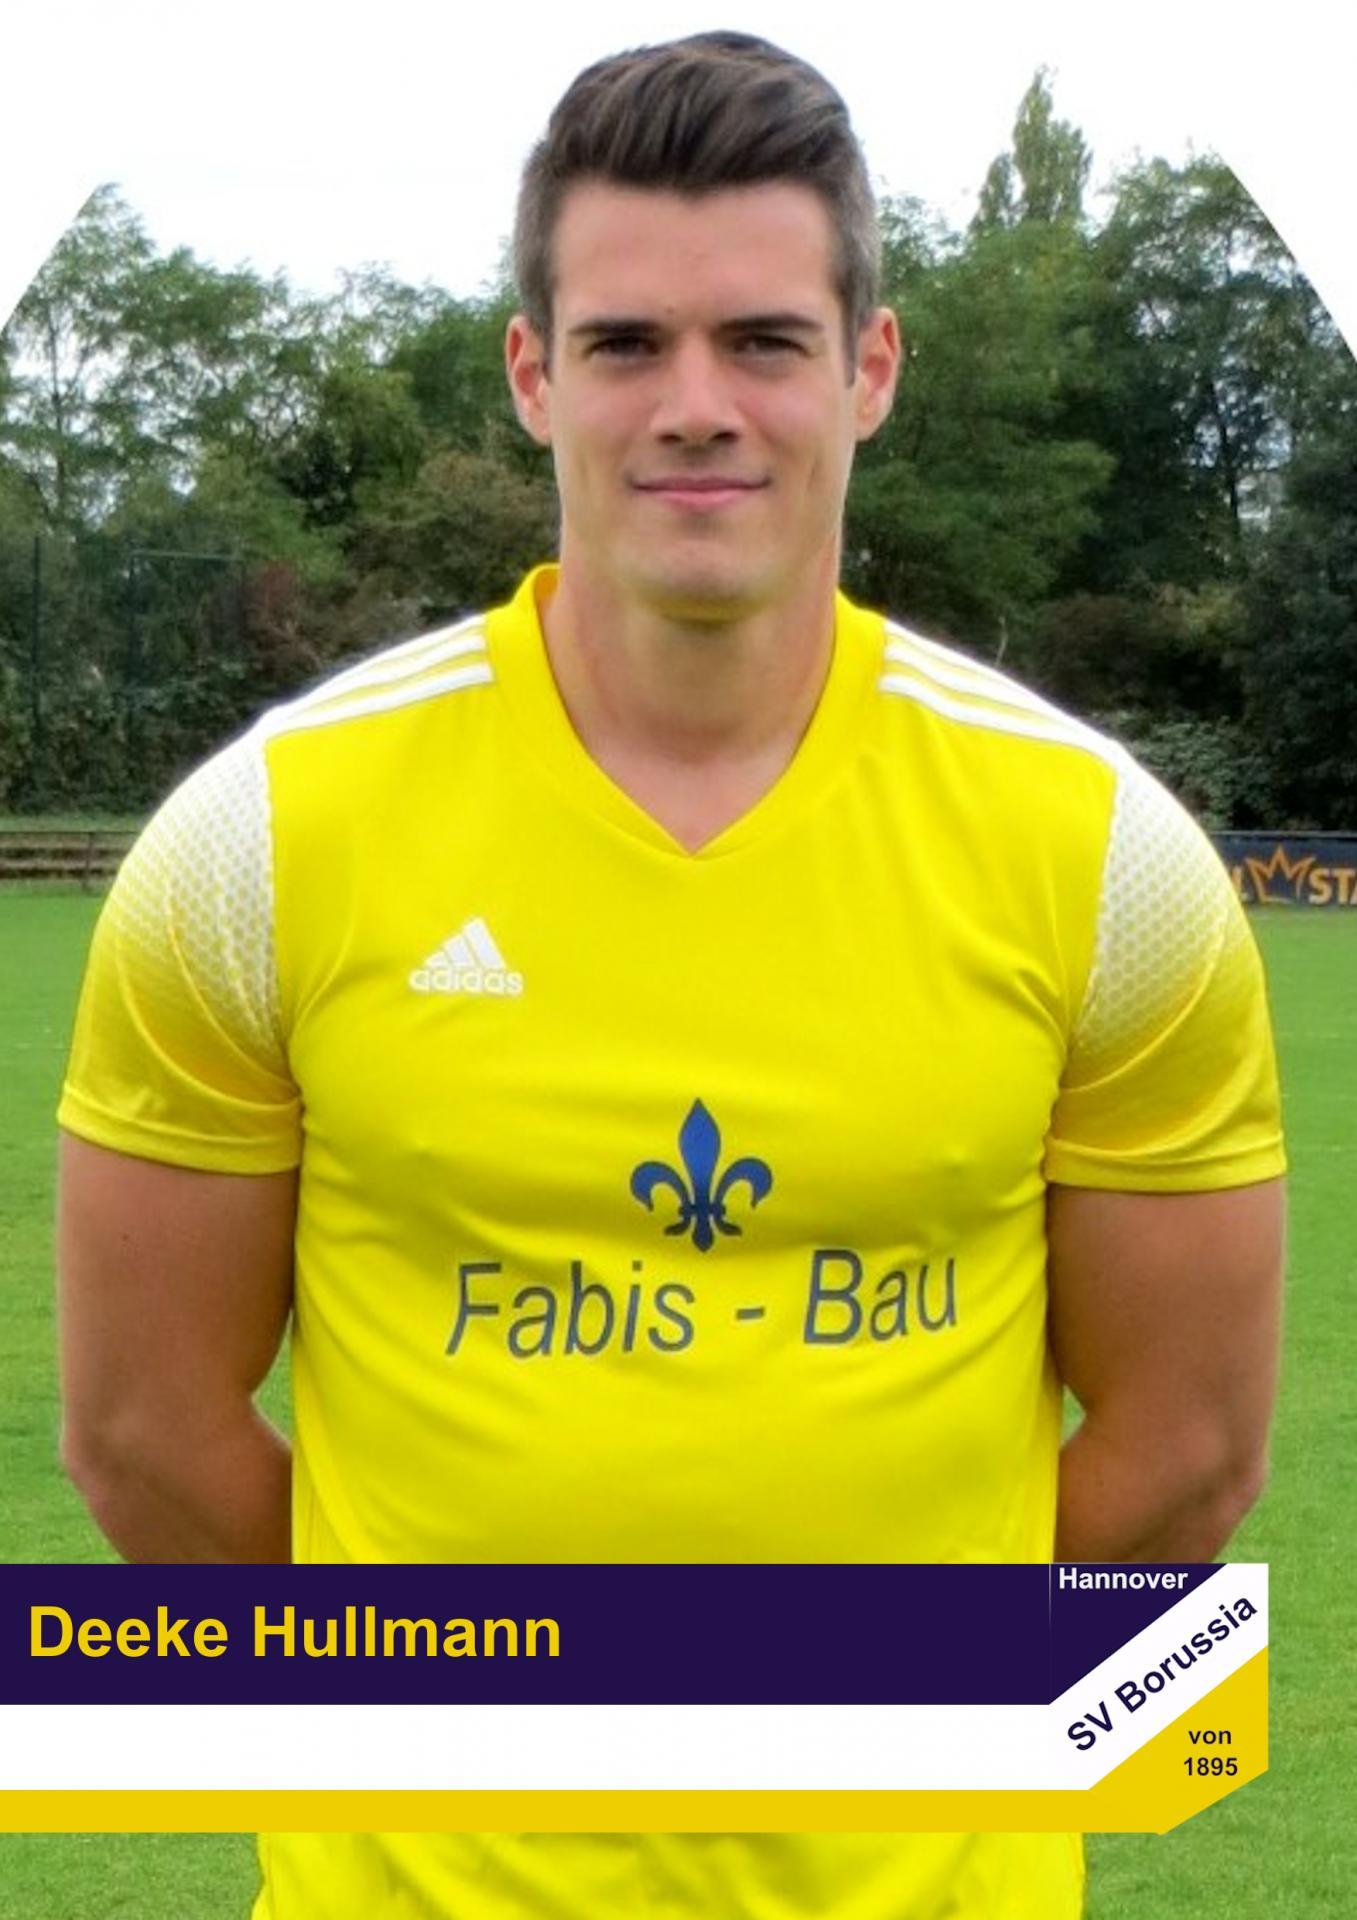 Deeke Hullmann